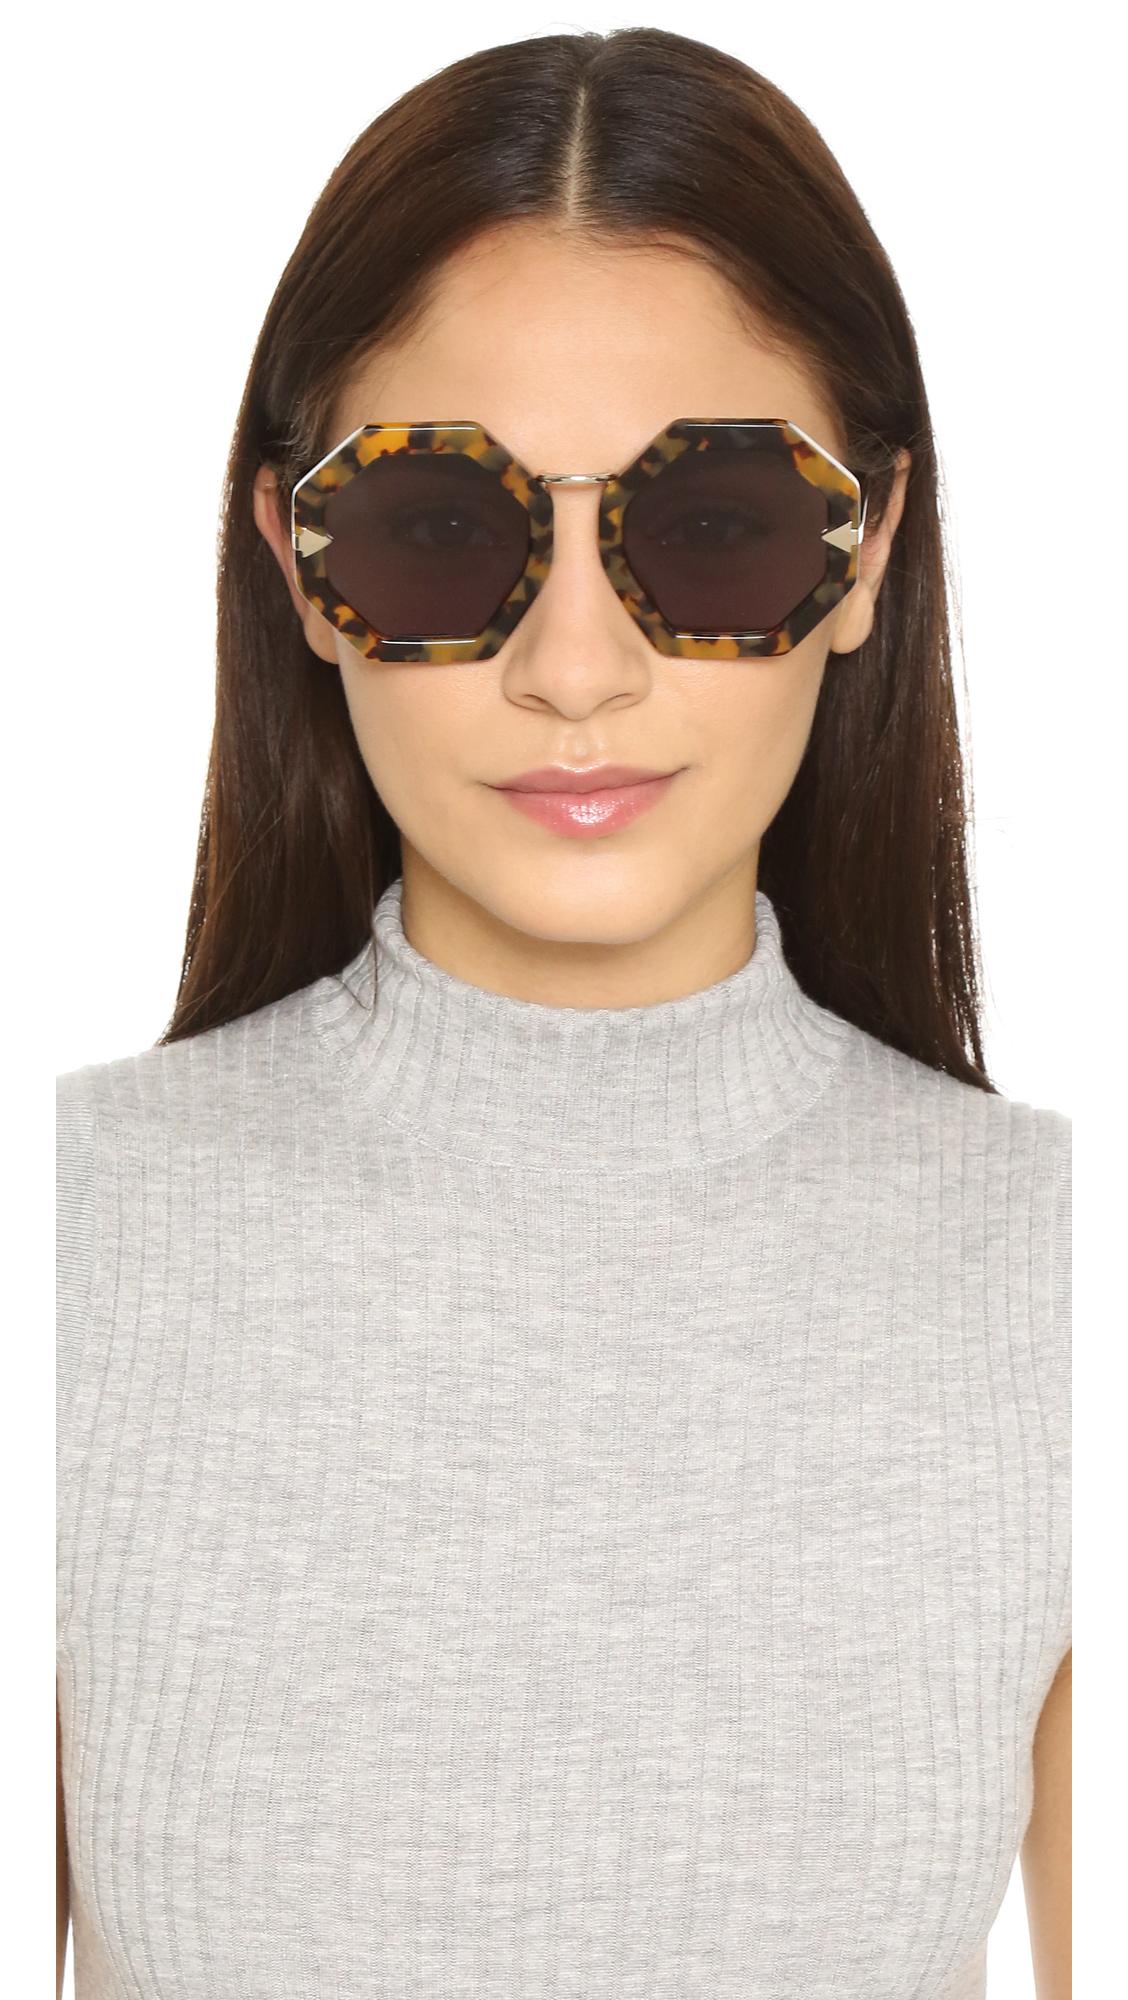 aa43de037d1 Karen Walker Moon Disco Sunglasses